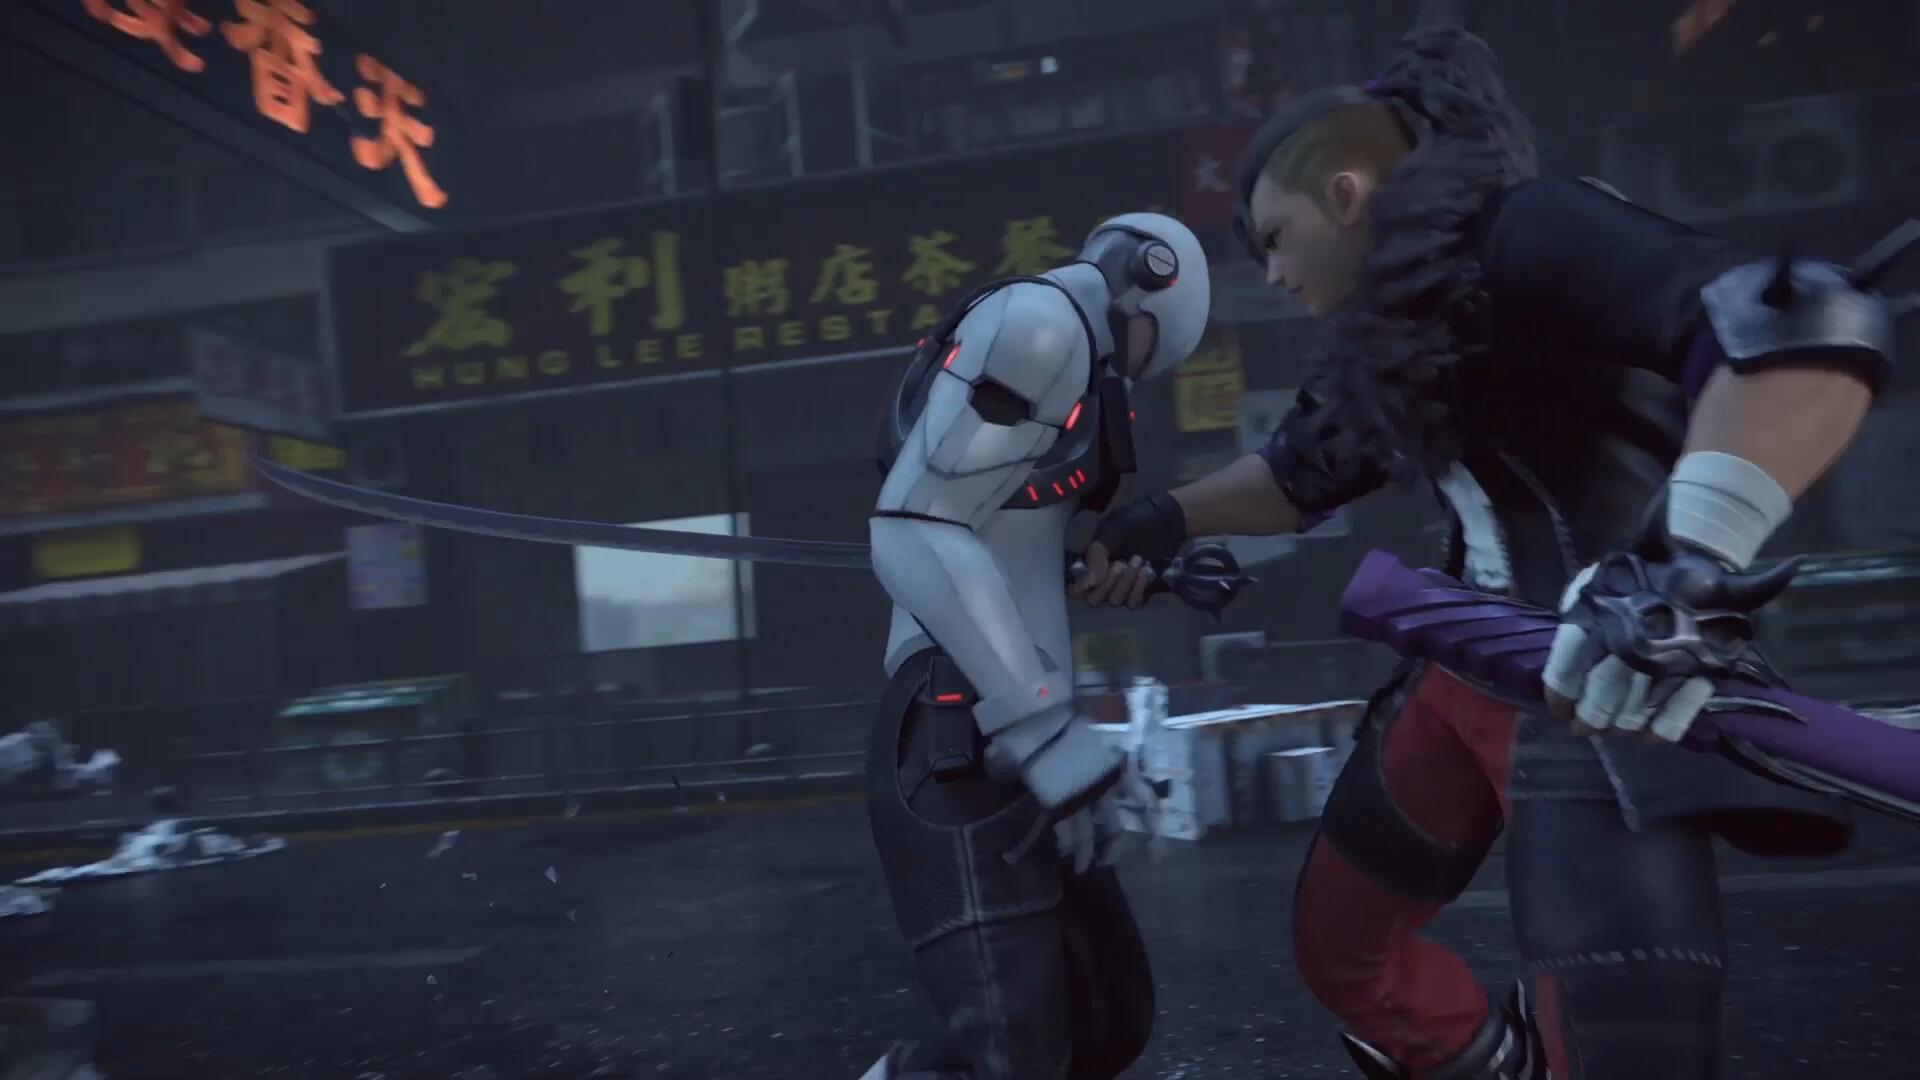 图七:给力的打斗场景.jpg